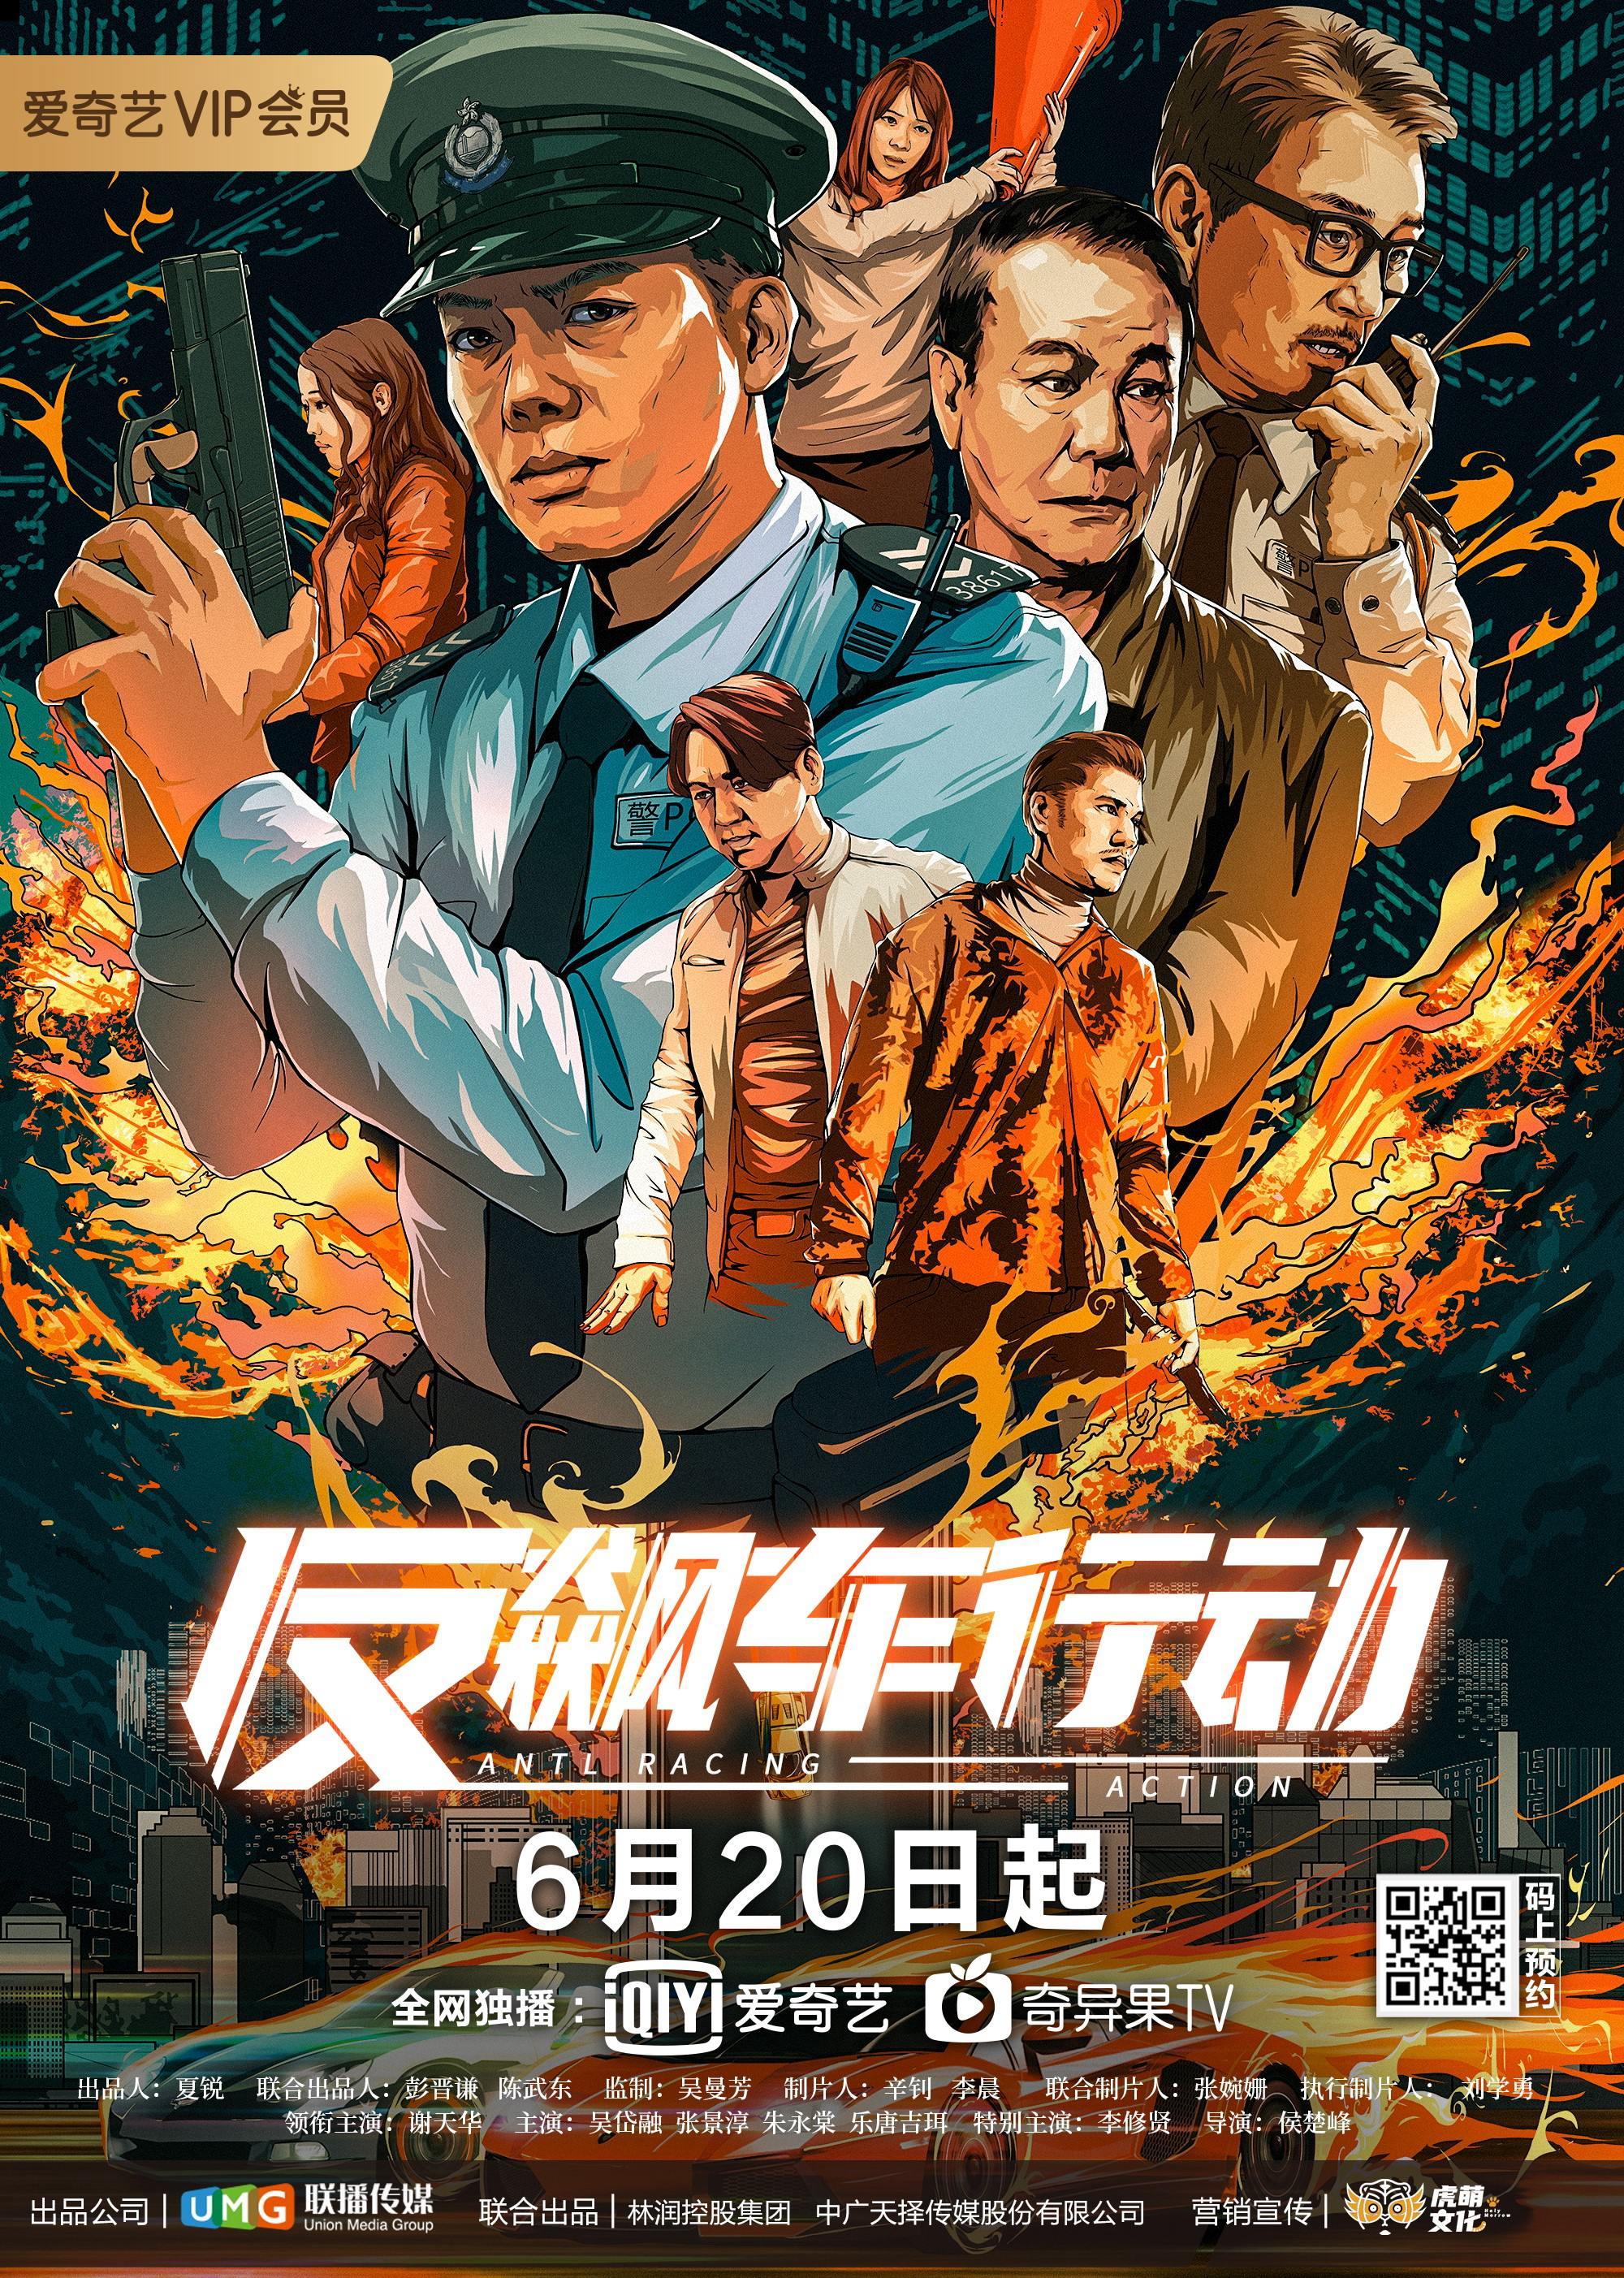 新港片《反飙车行动》定档6月20日 一场正与邪的极速较量